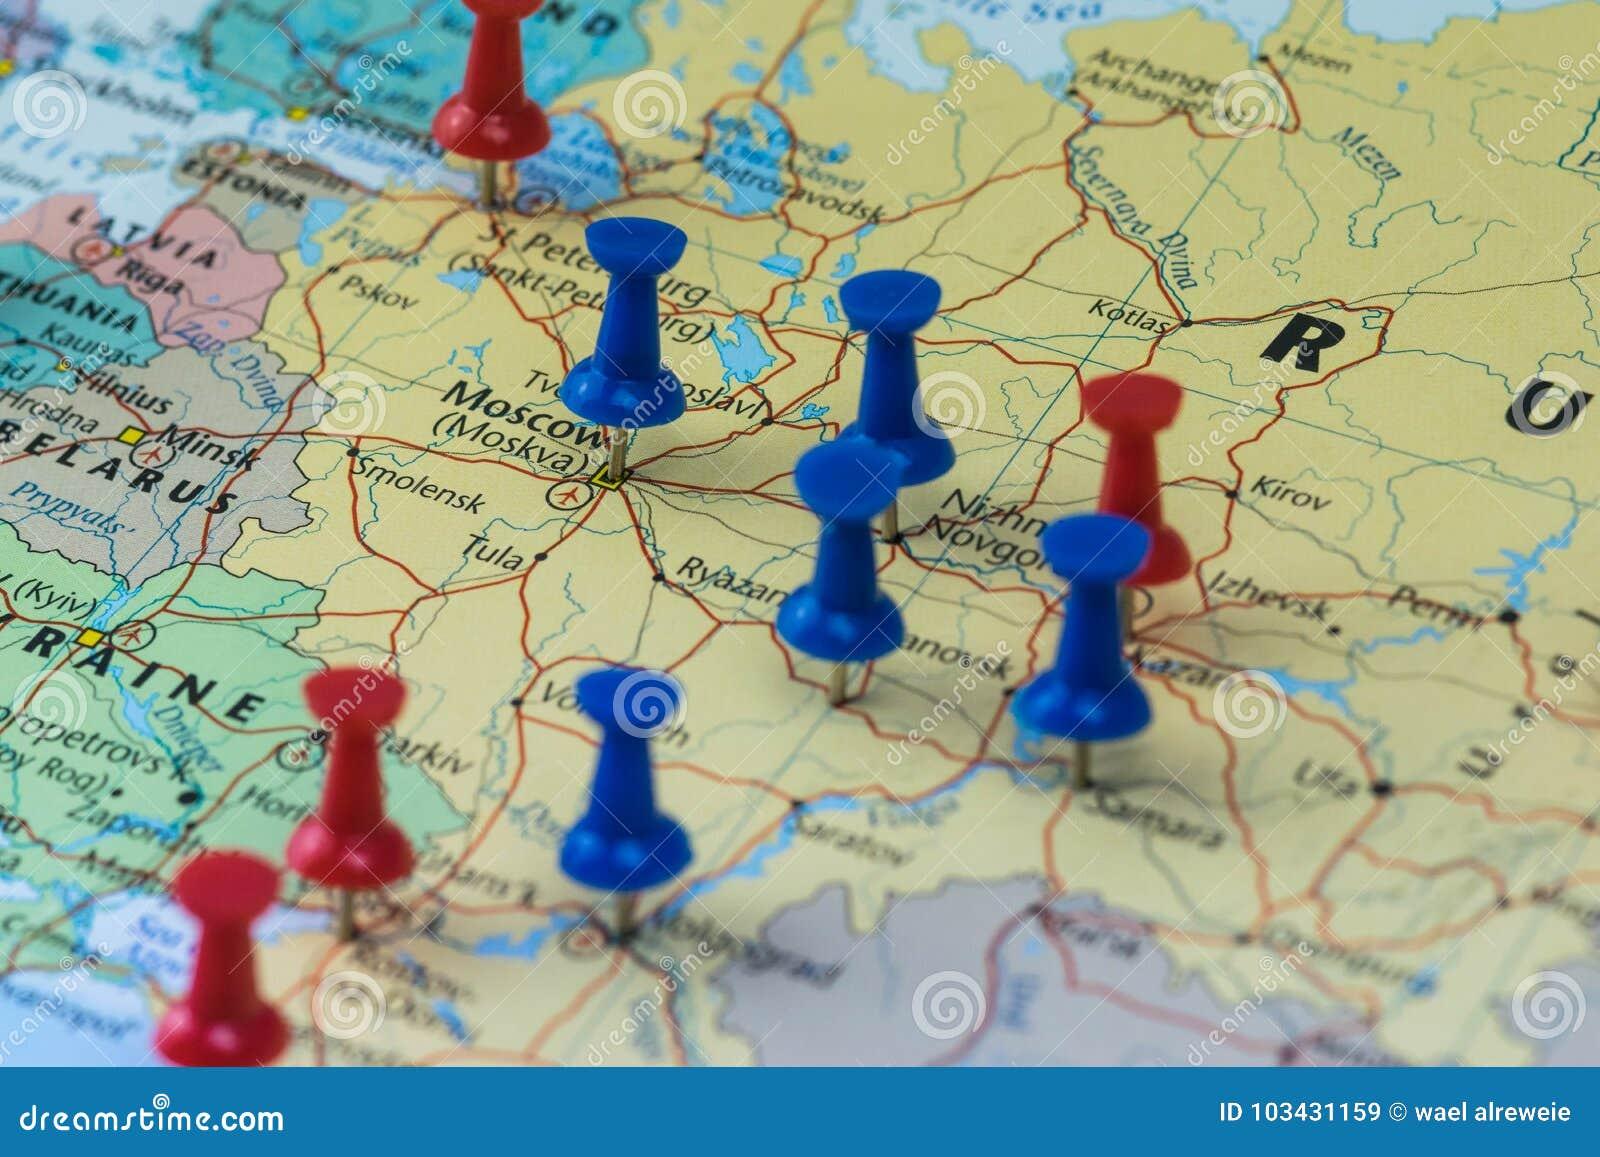 Moskwa Przyczepiał z innymi pucharu świata miejsca wydarzenia miastami w zbliżenie mapie dla futbolowego pucharu świata 2018 w Ro